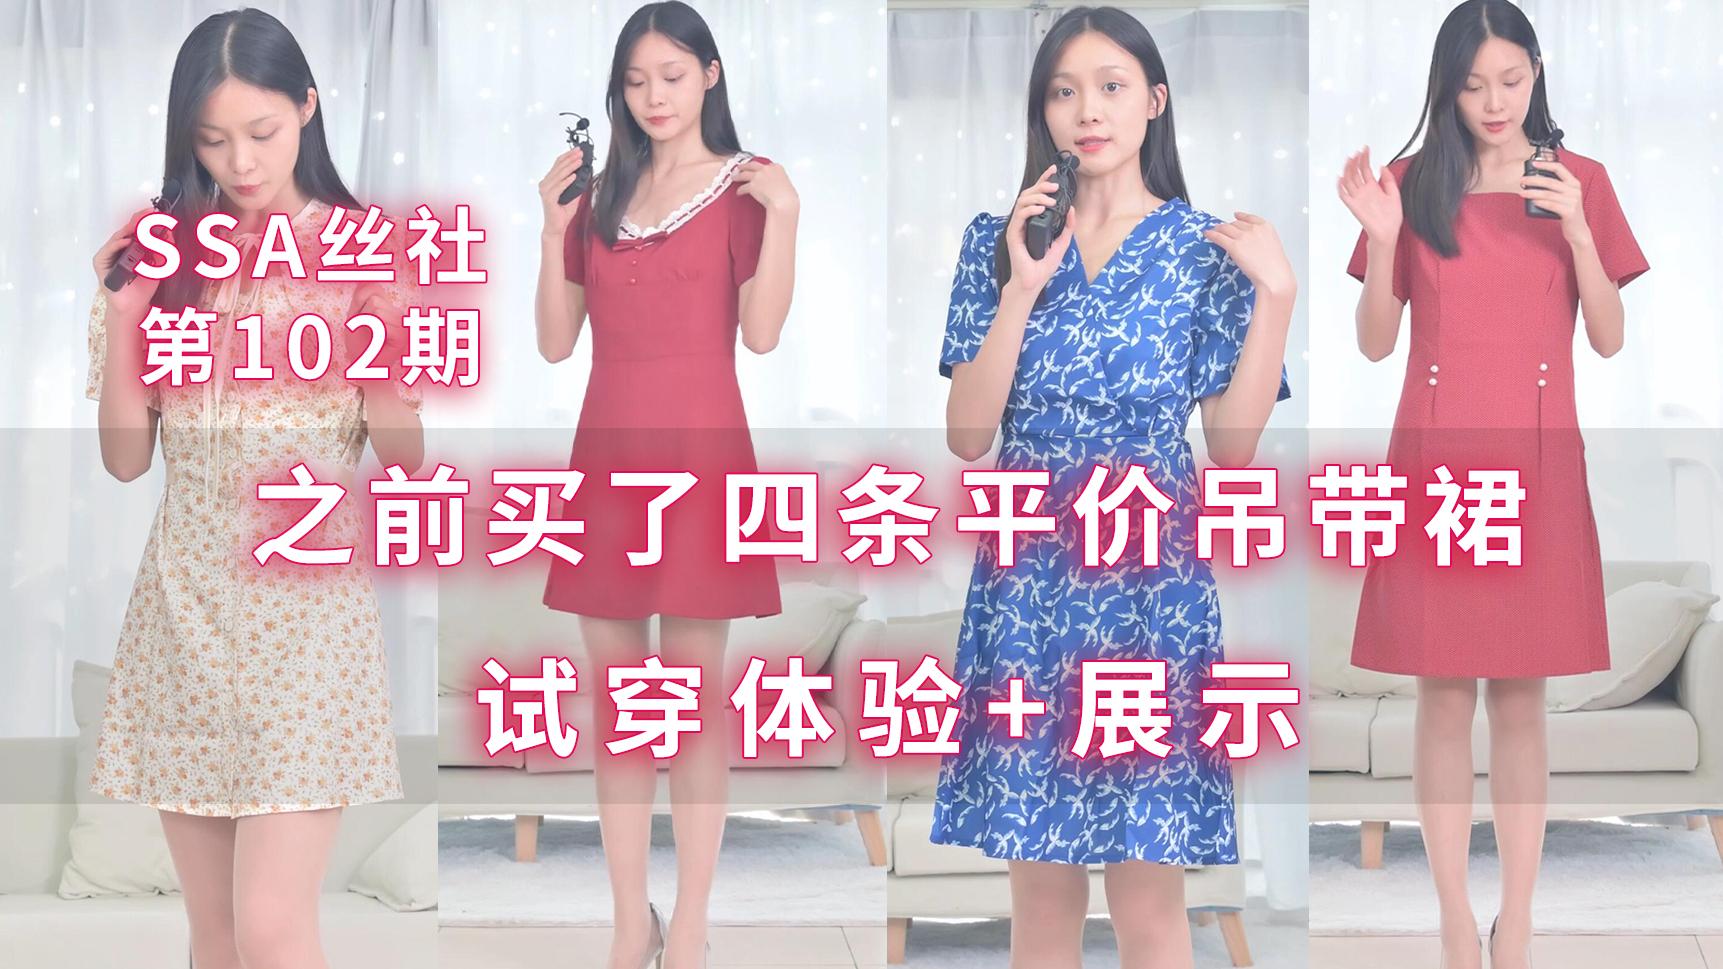 【ssalegs】又买了四件平价吊带裙,不务正业系列穿搭体验(102期)